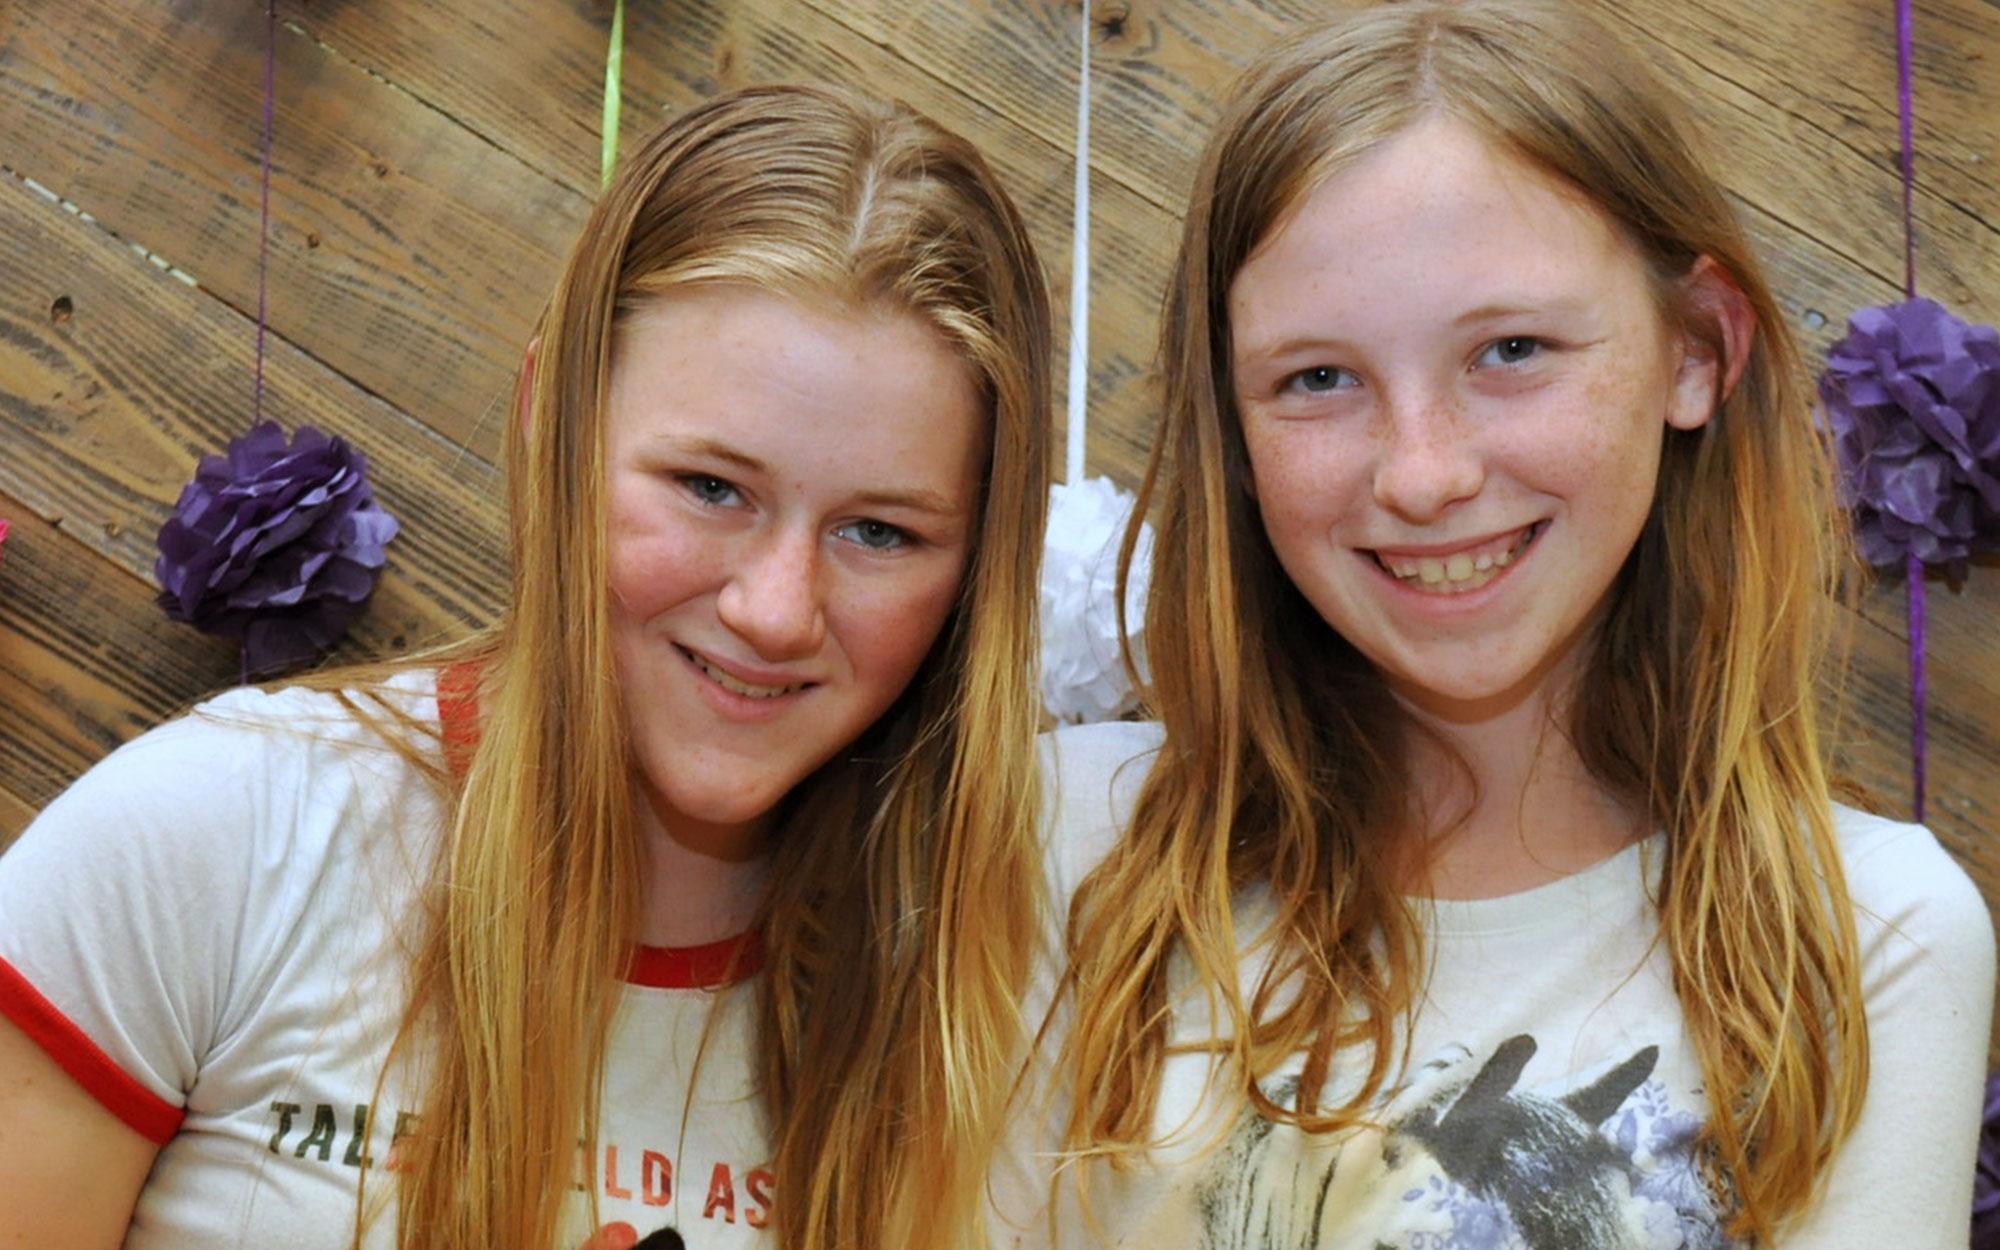 Two smiling volunteers